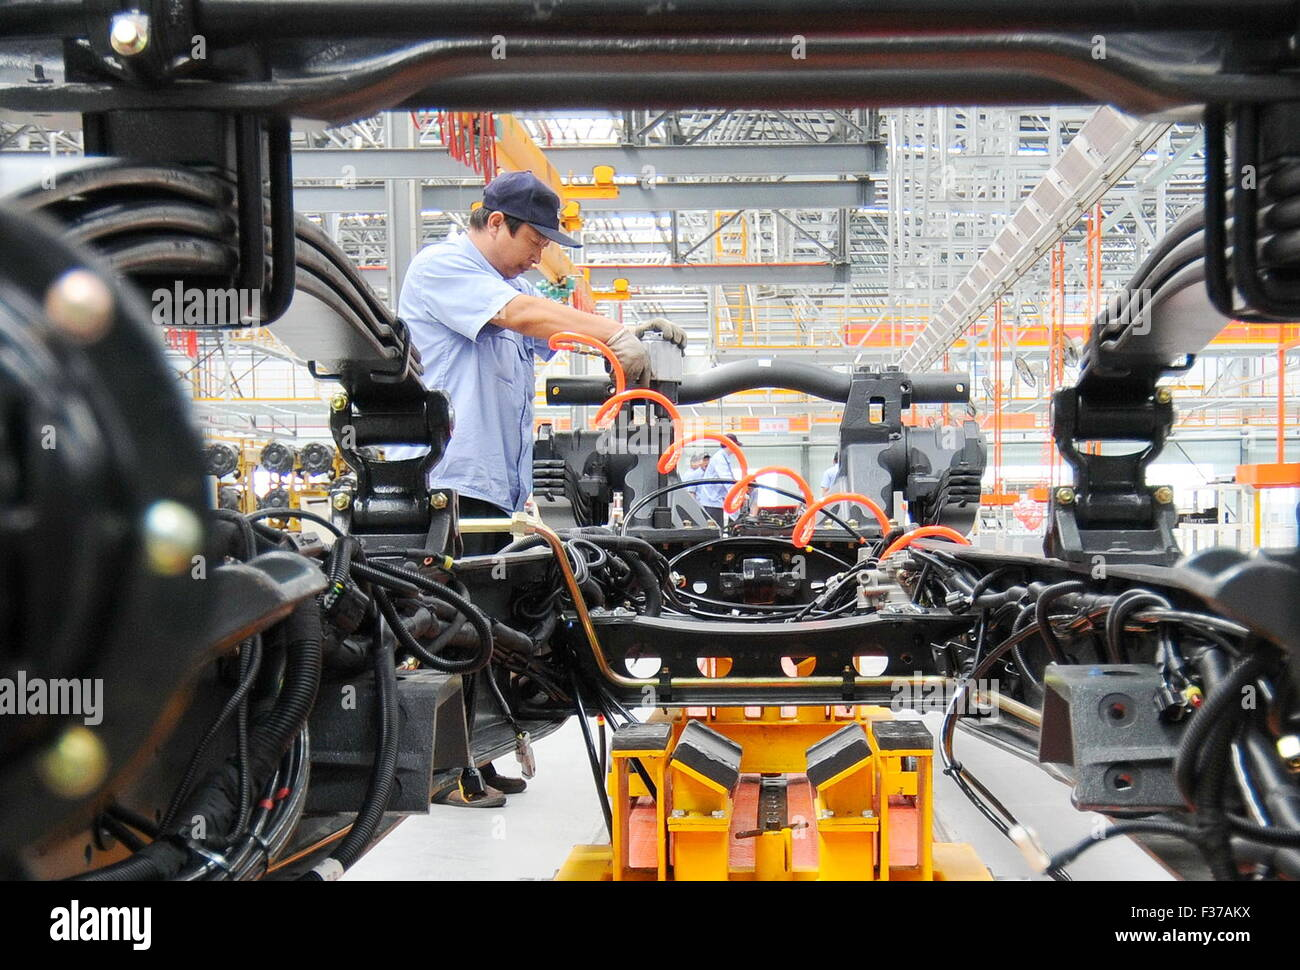 (151001)--XINGTAI, 1. Oktober 2015 (Xinhua)--Arbeiter installieren einen schweren Lkw auf einer Produktionsbasis Stockbild